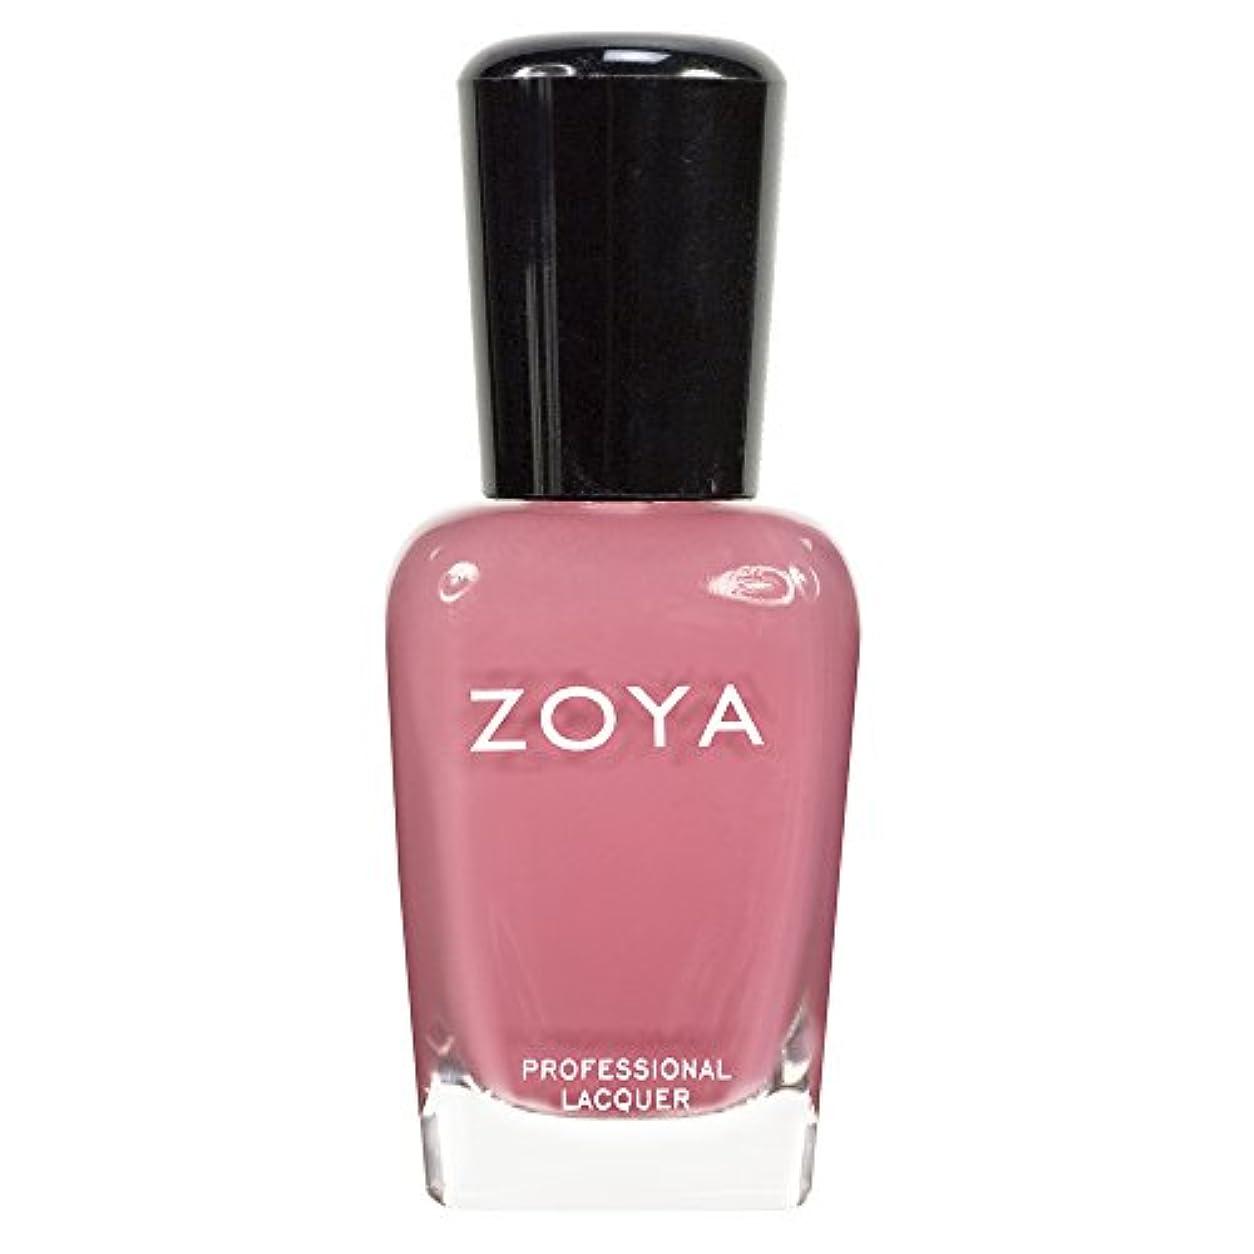 セラフ教育する対応するZOYA ゾーヤ ネイルカラーZP436 ZANNA ザンナ  15ml 淡いモーブピンク マット 爪にやさしいネイルラッカーマニキュア